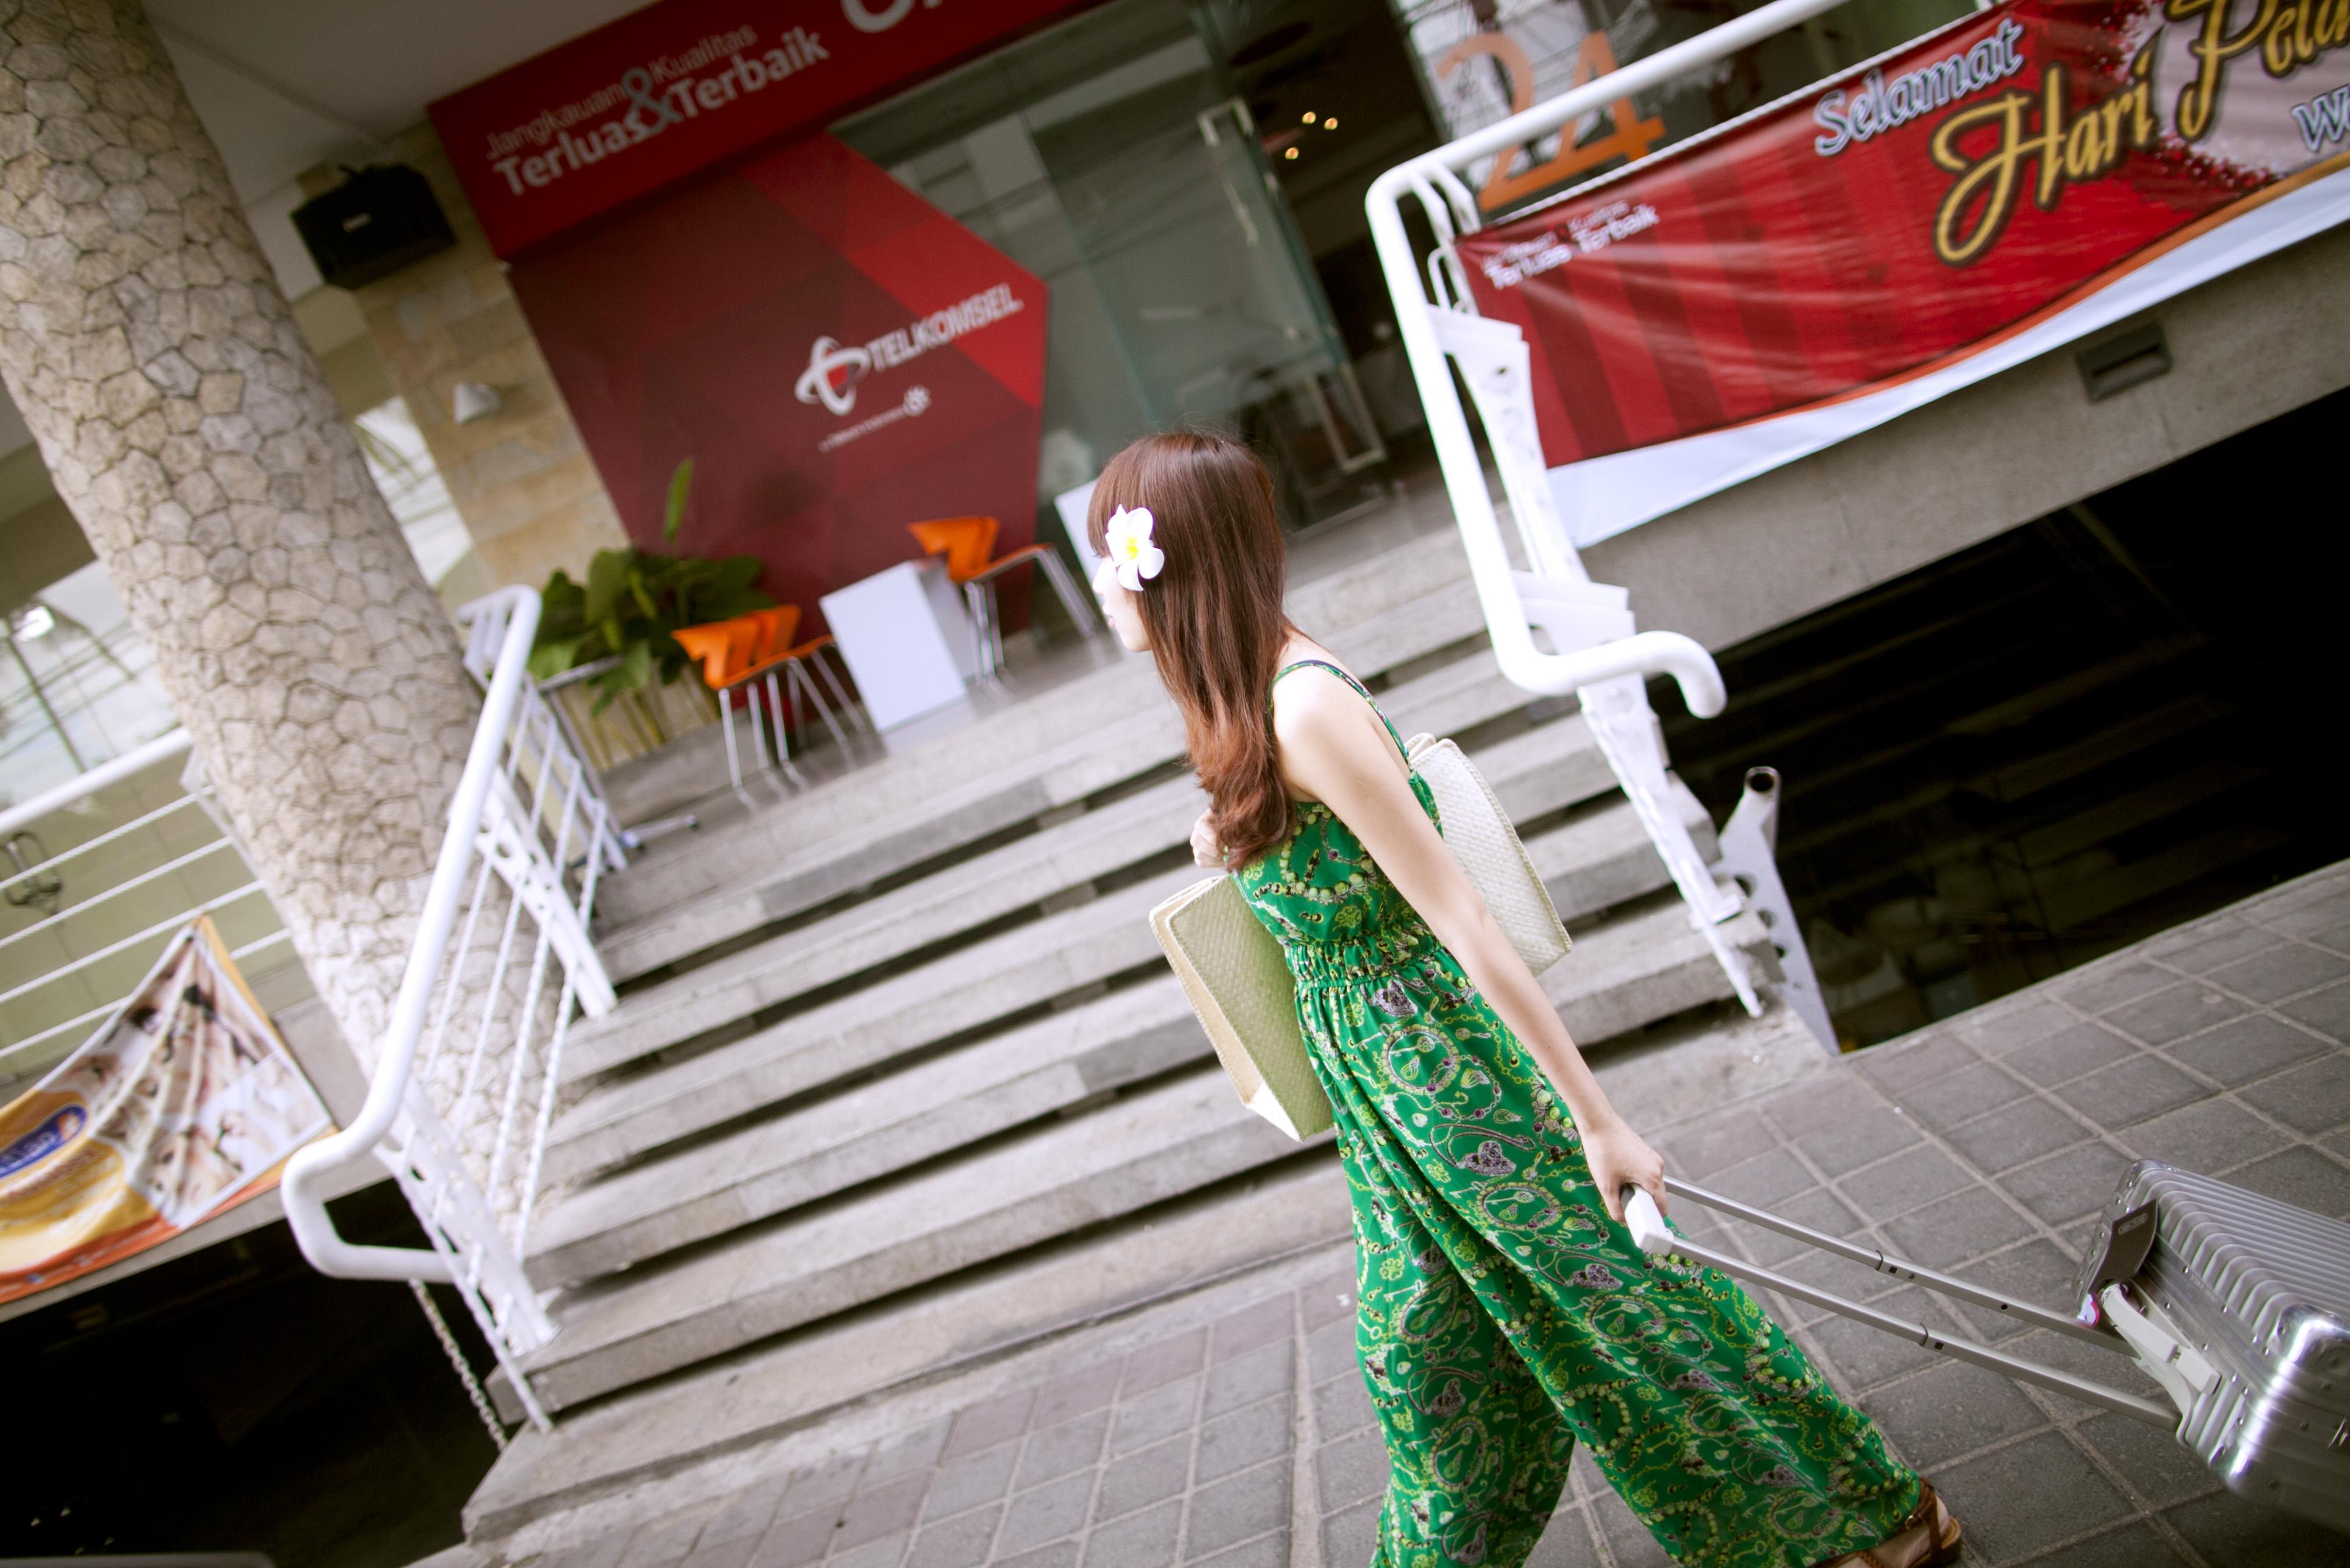 情侣9月巴厘岛4日浪漫蜜月行,出行前准备物品清单 小